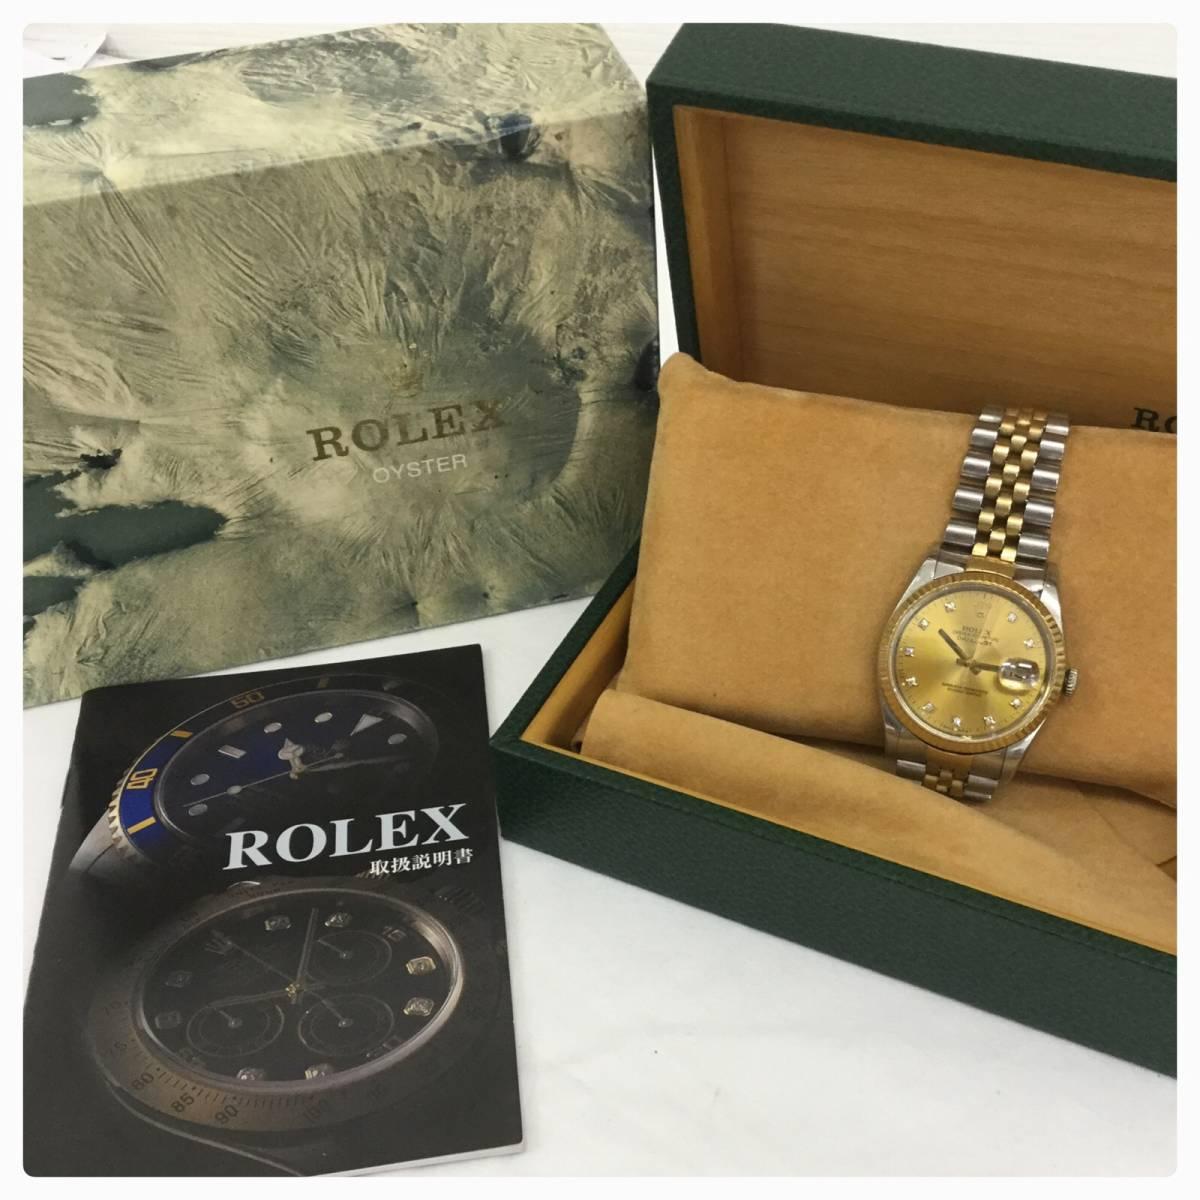 ◯ ROLEX ロレックス DATEJUST デイトジャスト 自動巻 腕時計 S番 Ref. 16233 箱付 動作